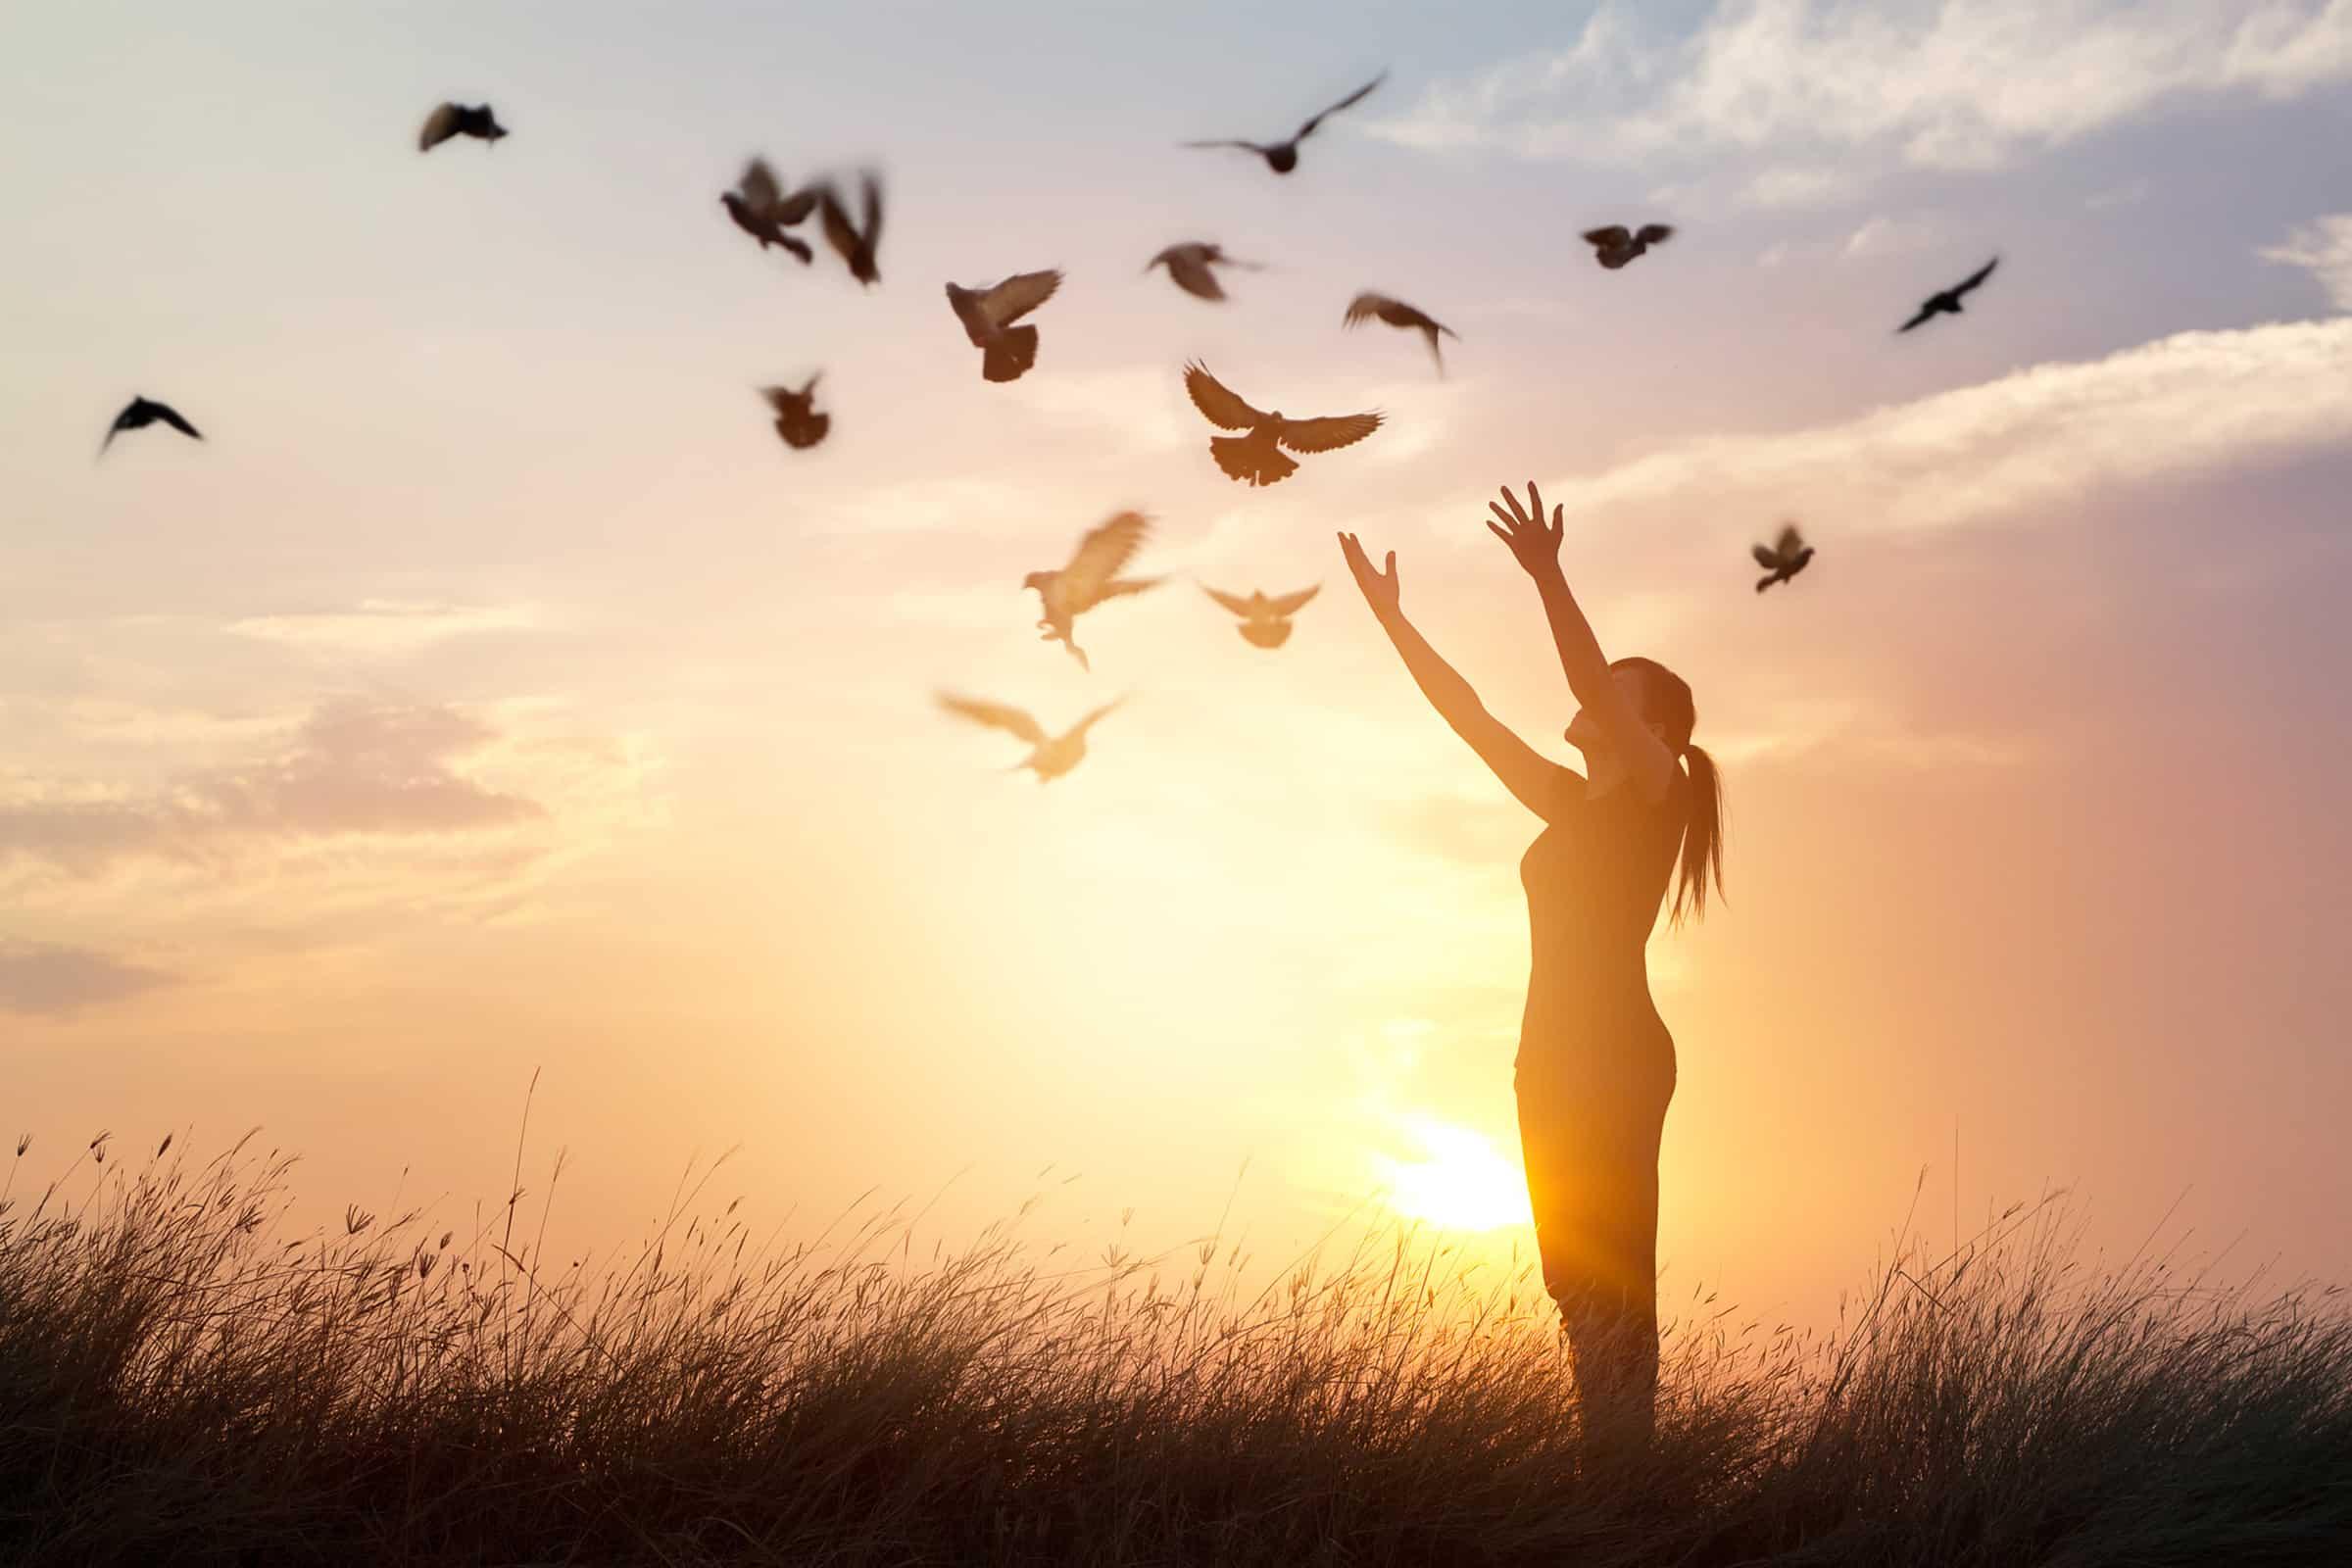 Pszichológus vagy pszichiáter – Kihez forduljunk segítségért és mikor?